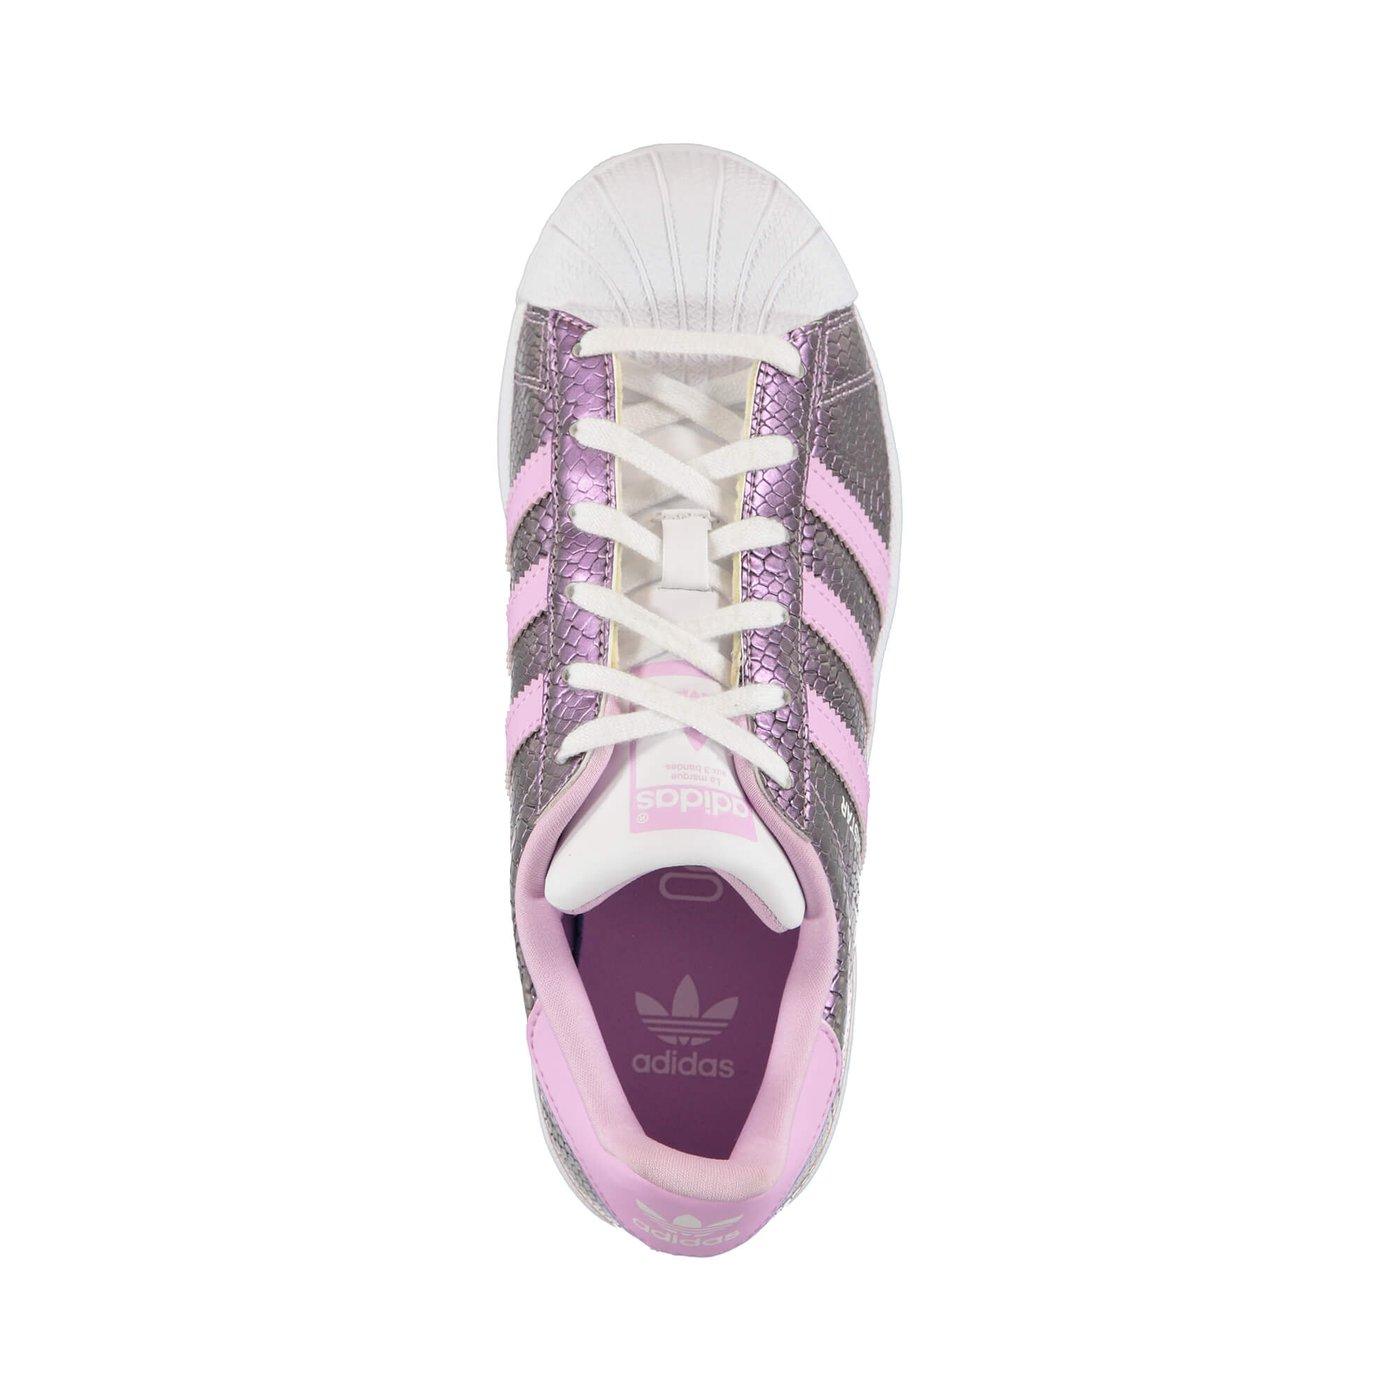 adidas Superstar Kadın Metalik Spor Ayakkabı